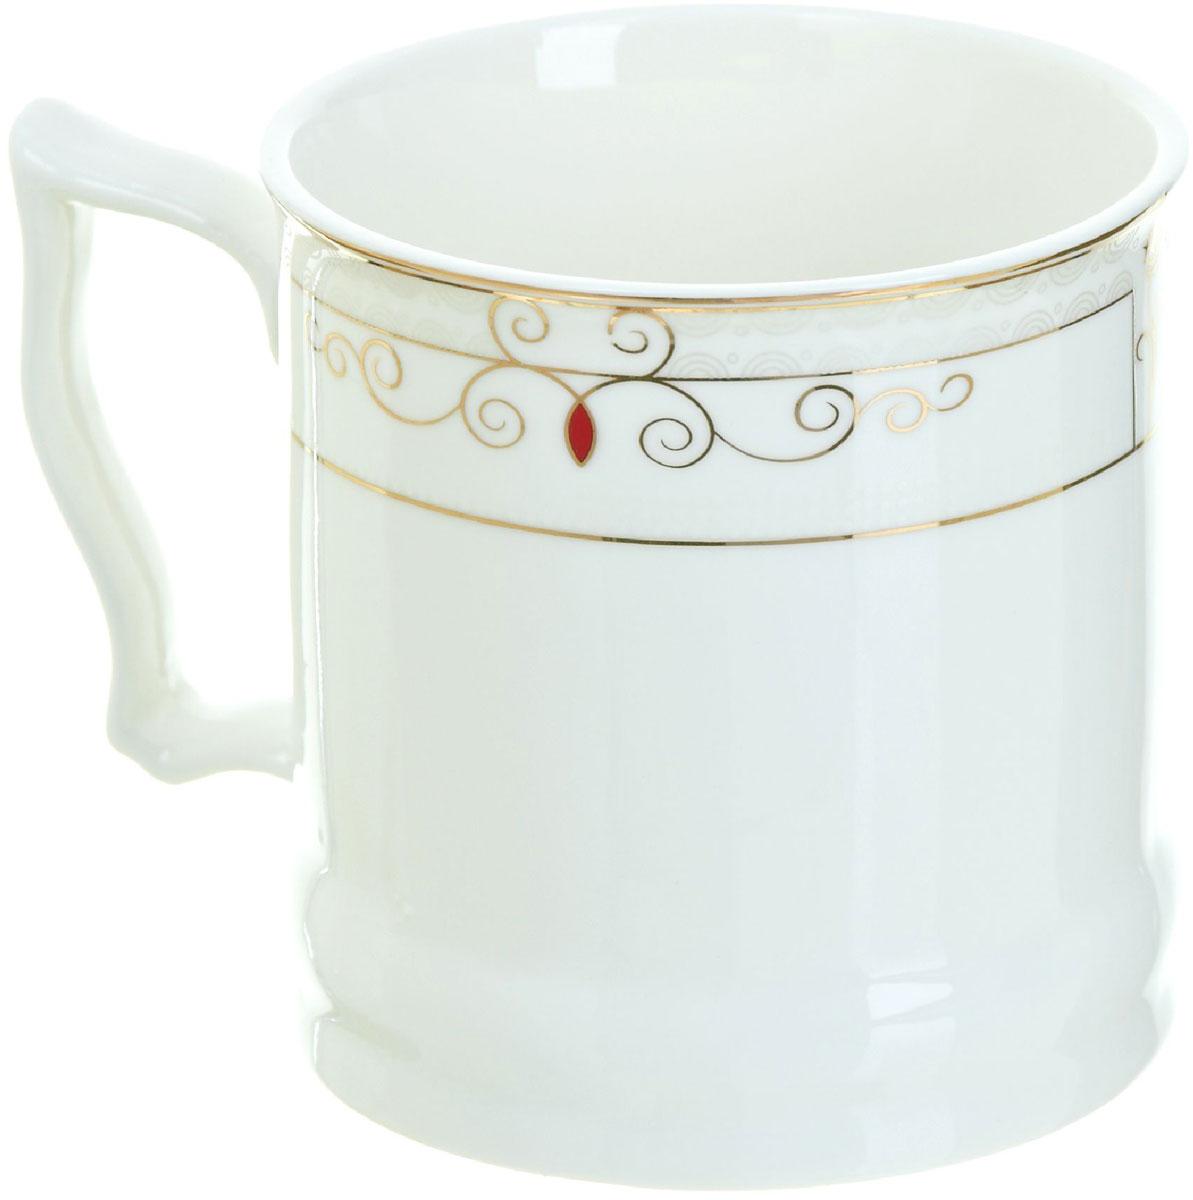 Кружка BHP Королевская кружка, 500 мл. 1870003115610Оригинальная кружка Best Home Porcelain, выполненная из высококачественного фарфора, сочетает в себе простой, утонченный дизайн с максимальной функциональностью. Оригинальность оформления придутся по вкусу тем, кто ценит индивидуальность.Можно использовать в посудомоечной машине.